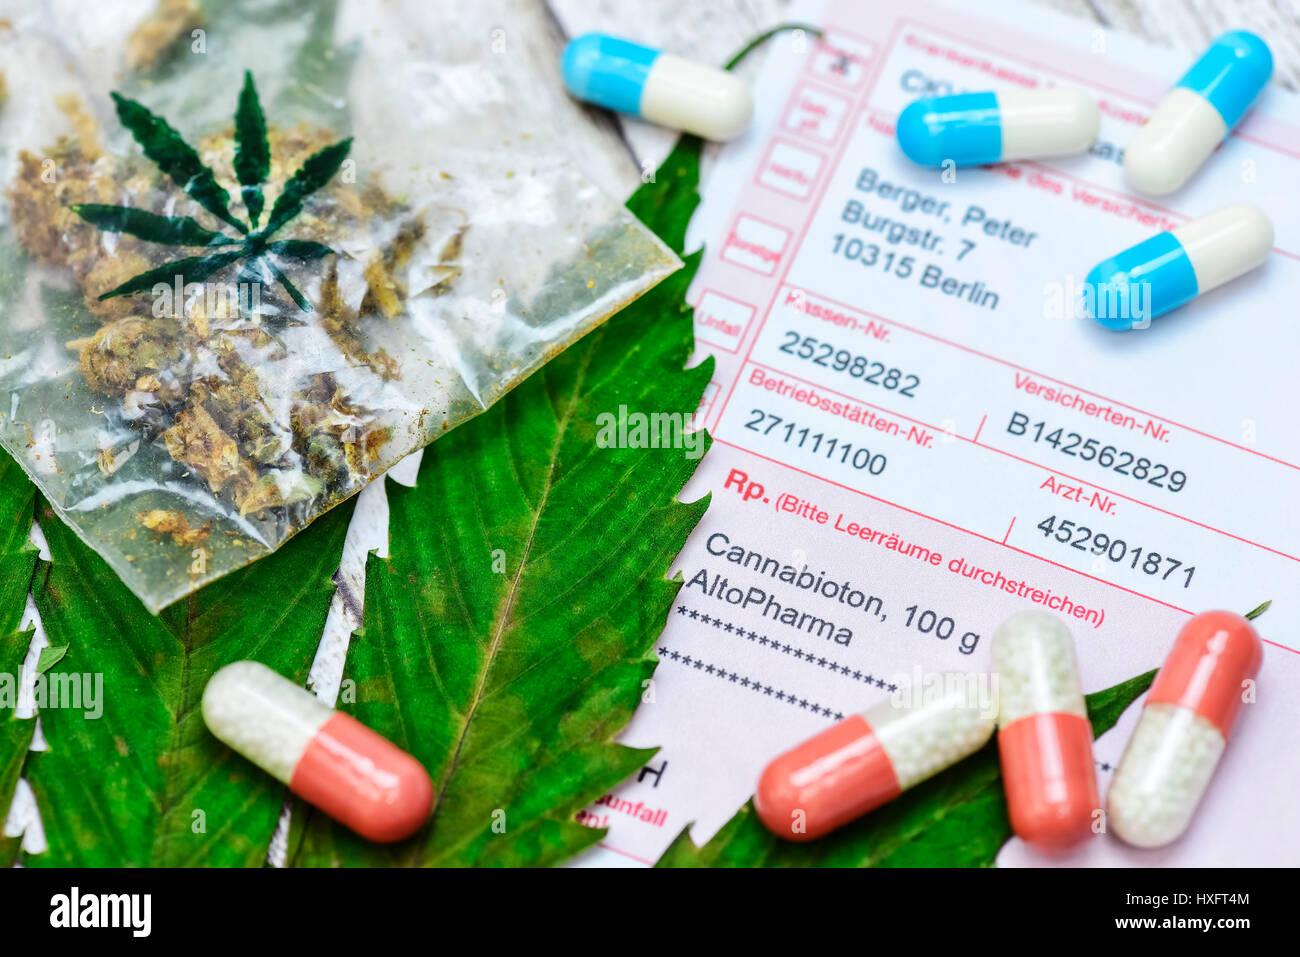 Hemp sheet, cannabis and medical recipe, Hanfblatt, Cannabis und ärztliches Rezept Stock Photo